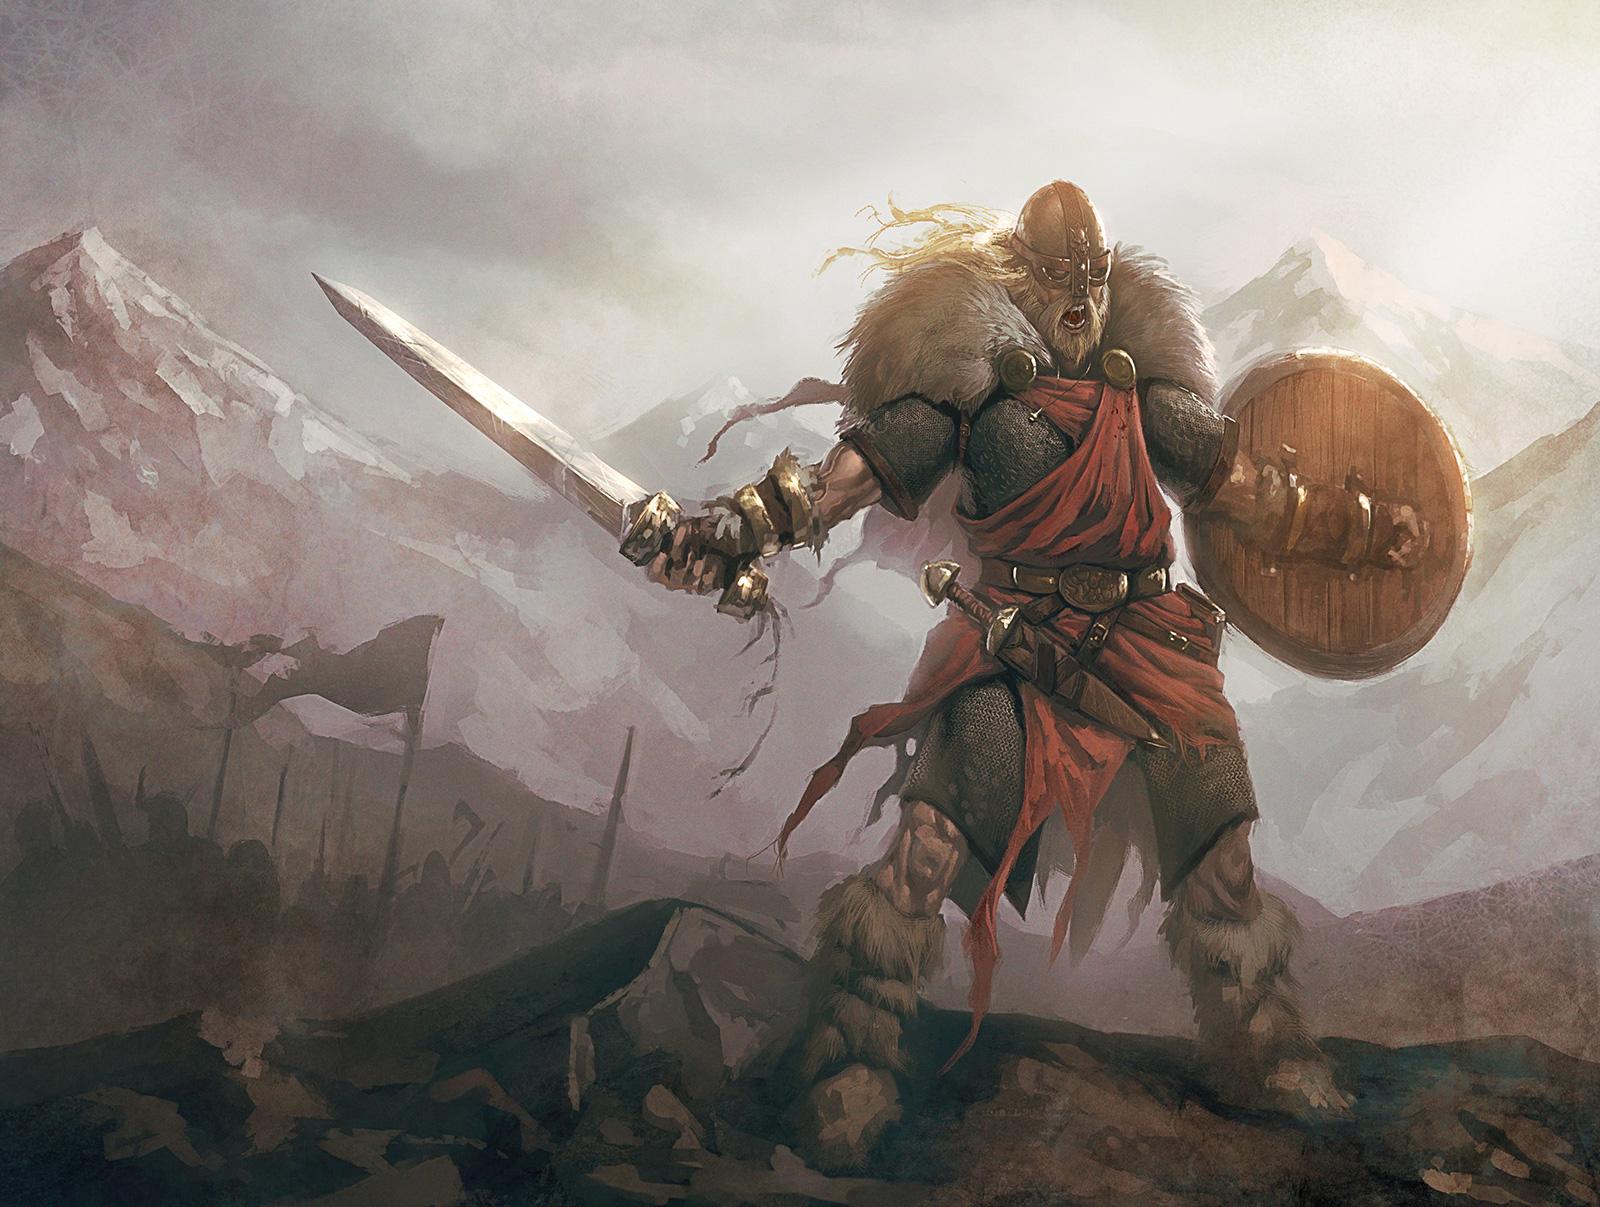 Картинка с викингами, клеточкам прикольные открытки